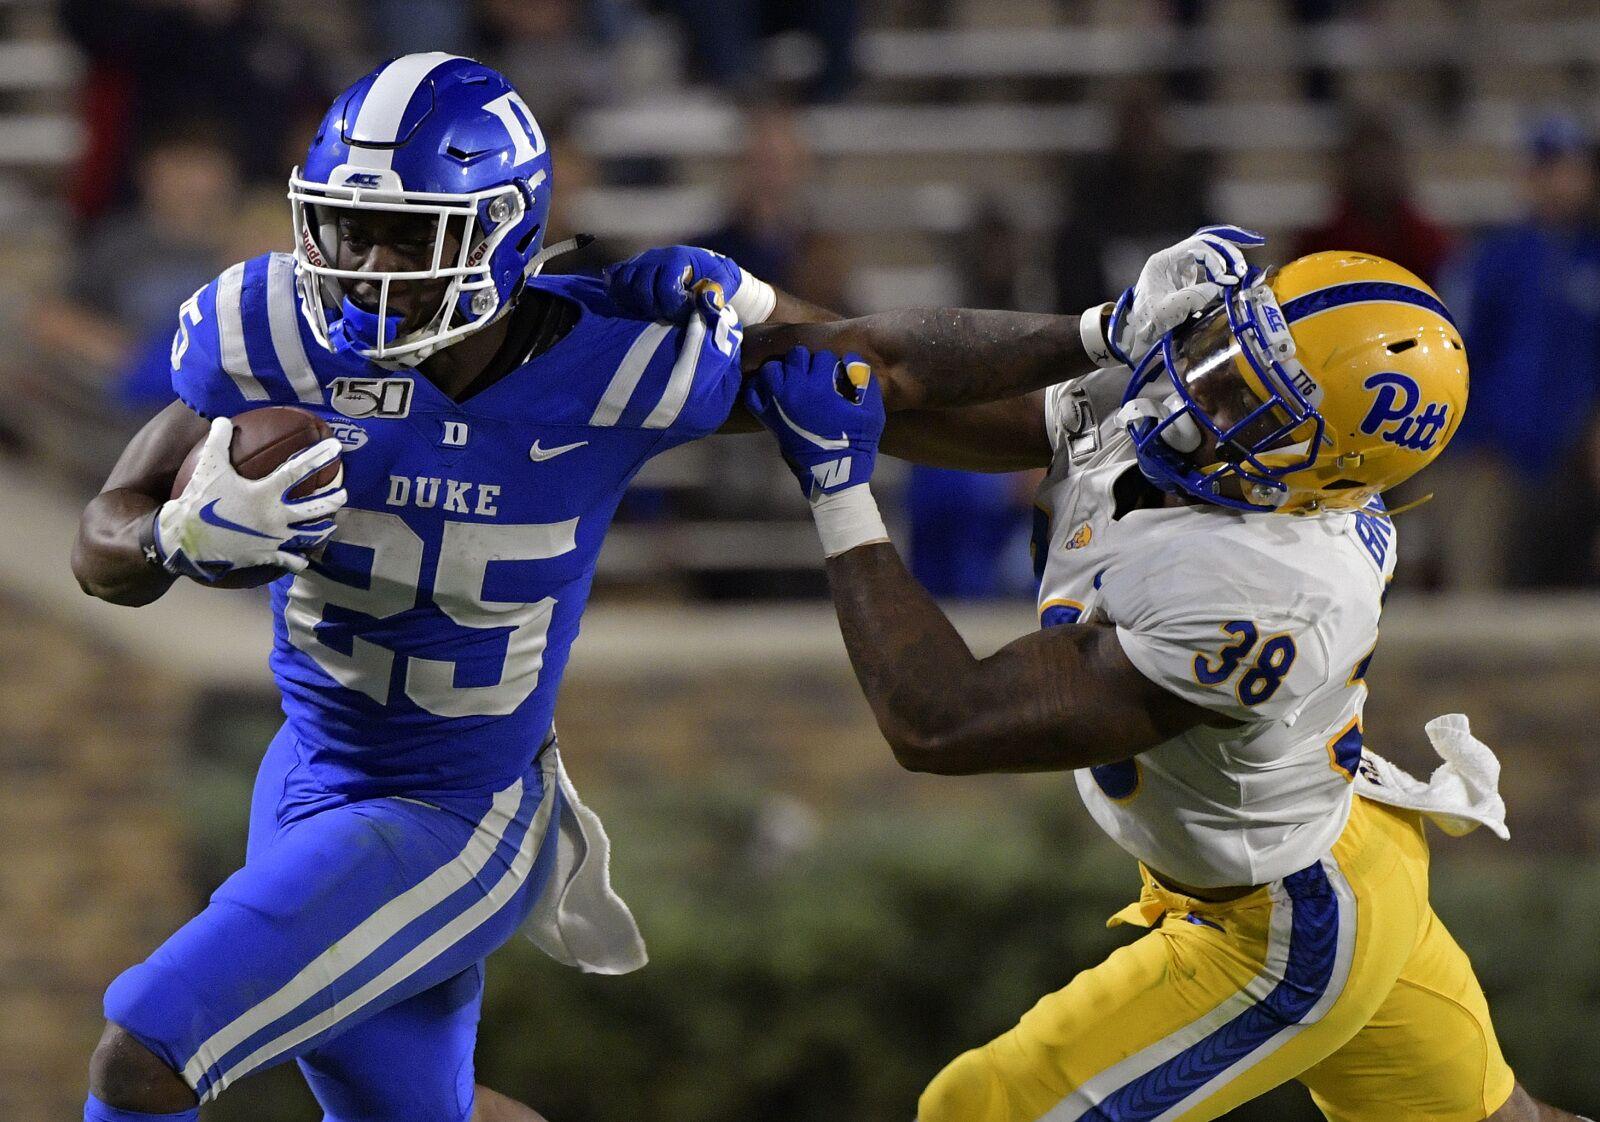 Georgia Tech Football: Duke a dangerous team in 2019 under Mack Brown